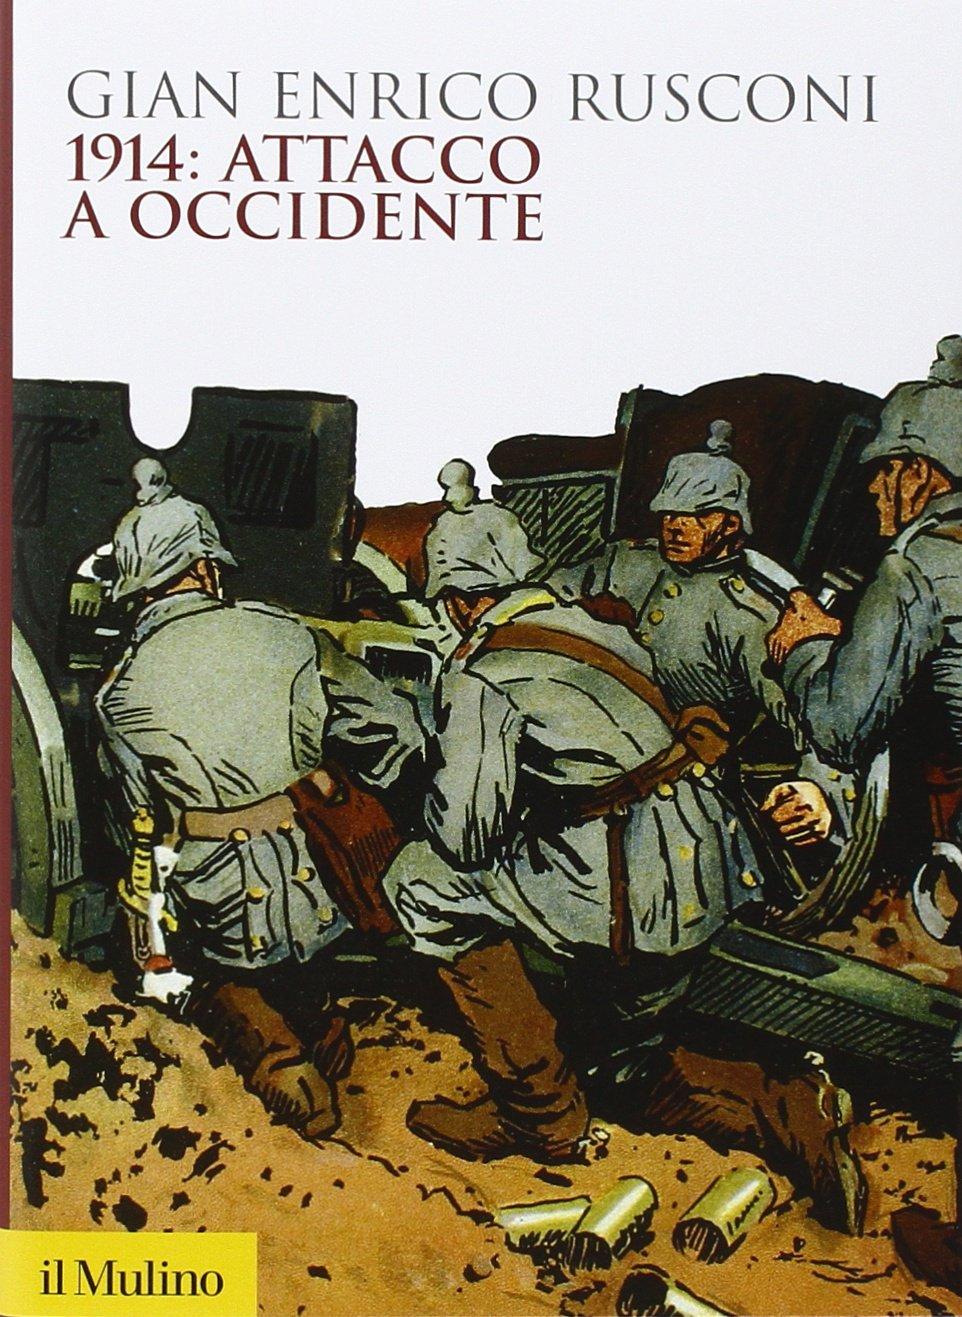 Gian Enrico Rusconi - 1914: attacco a Occidente